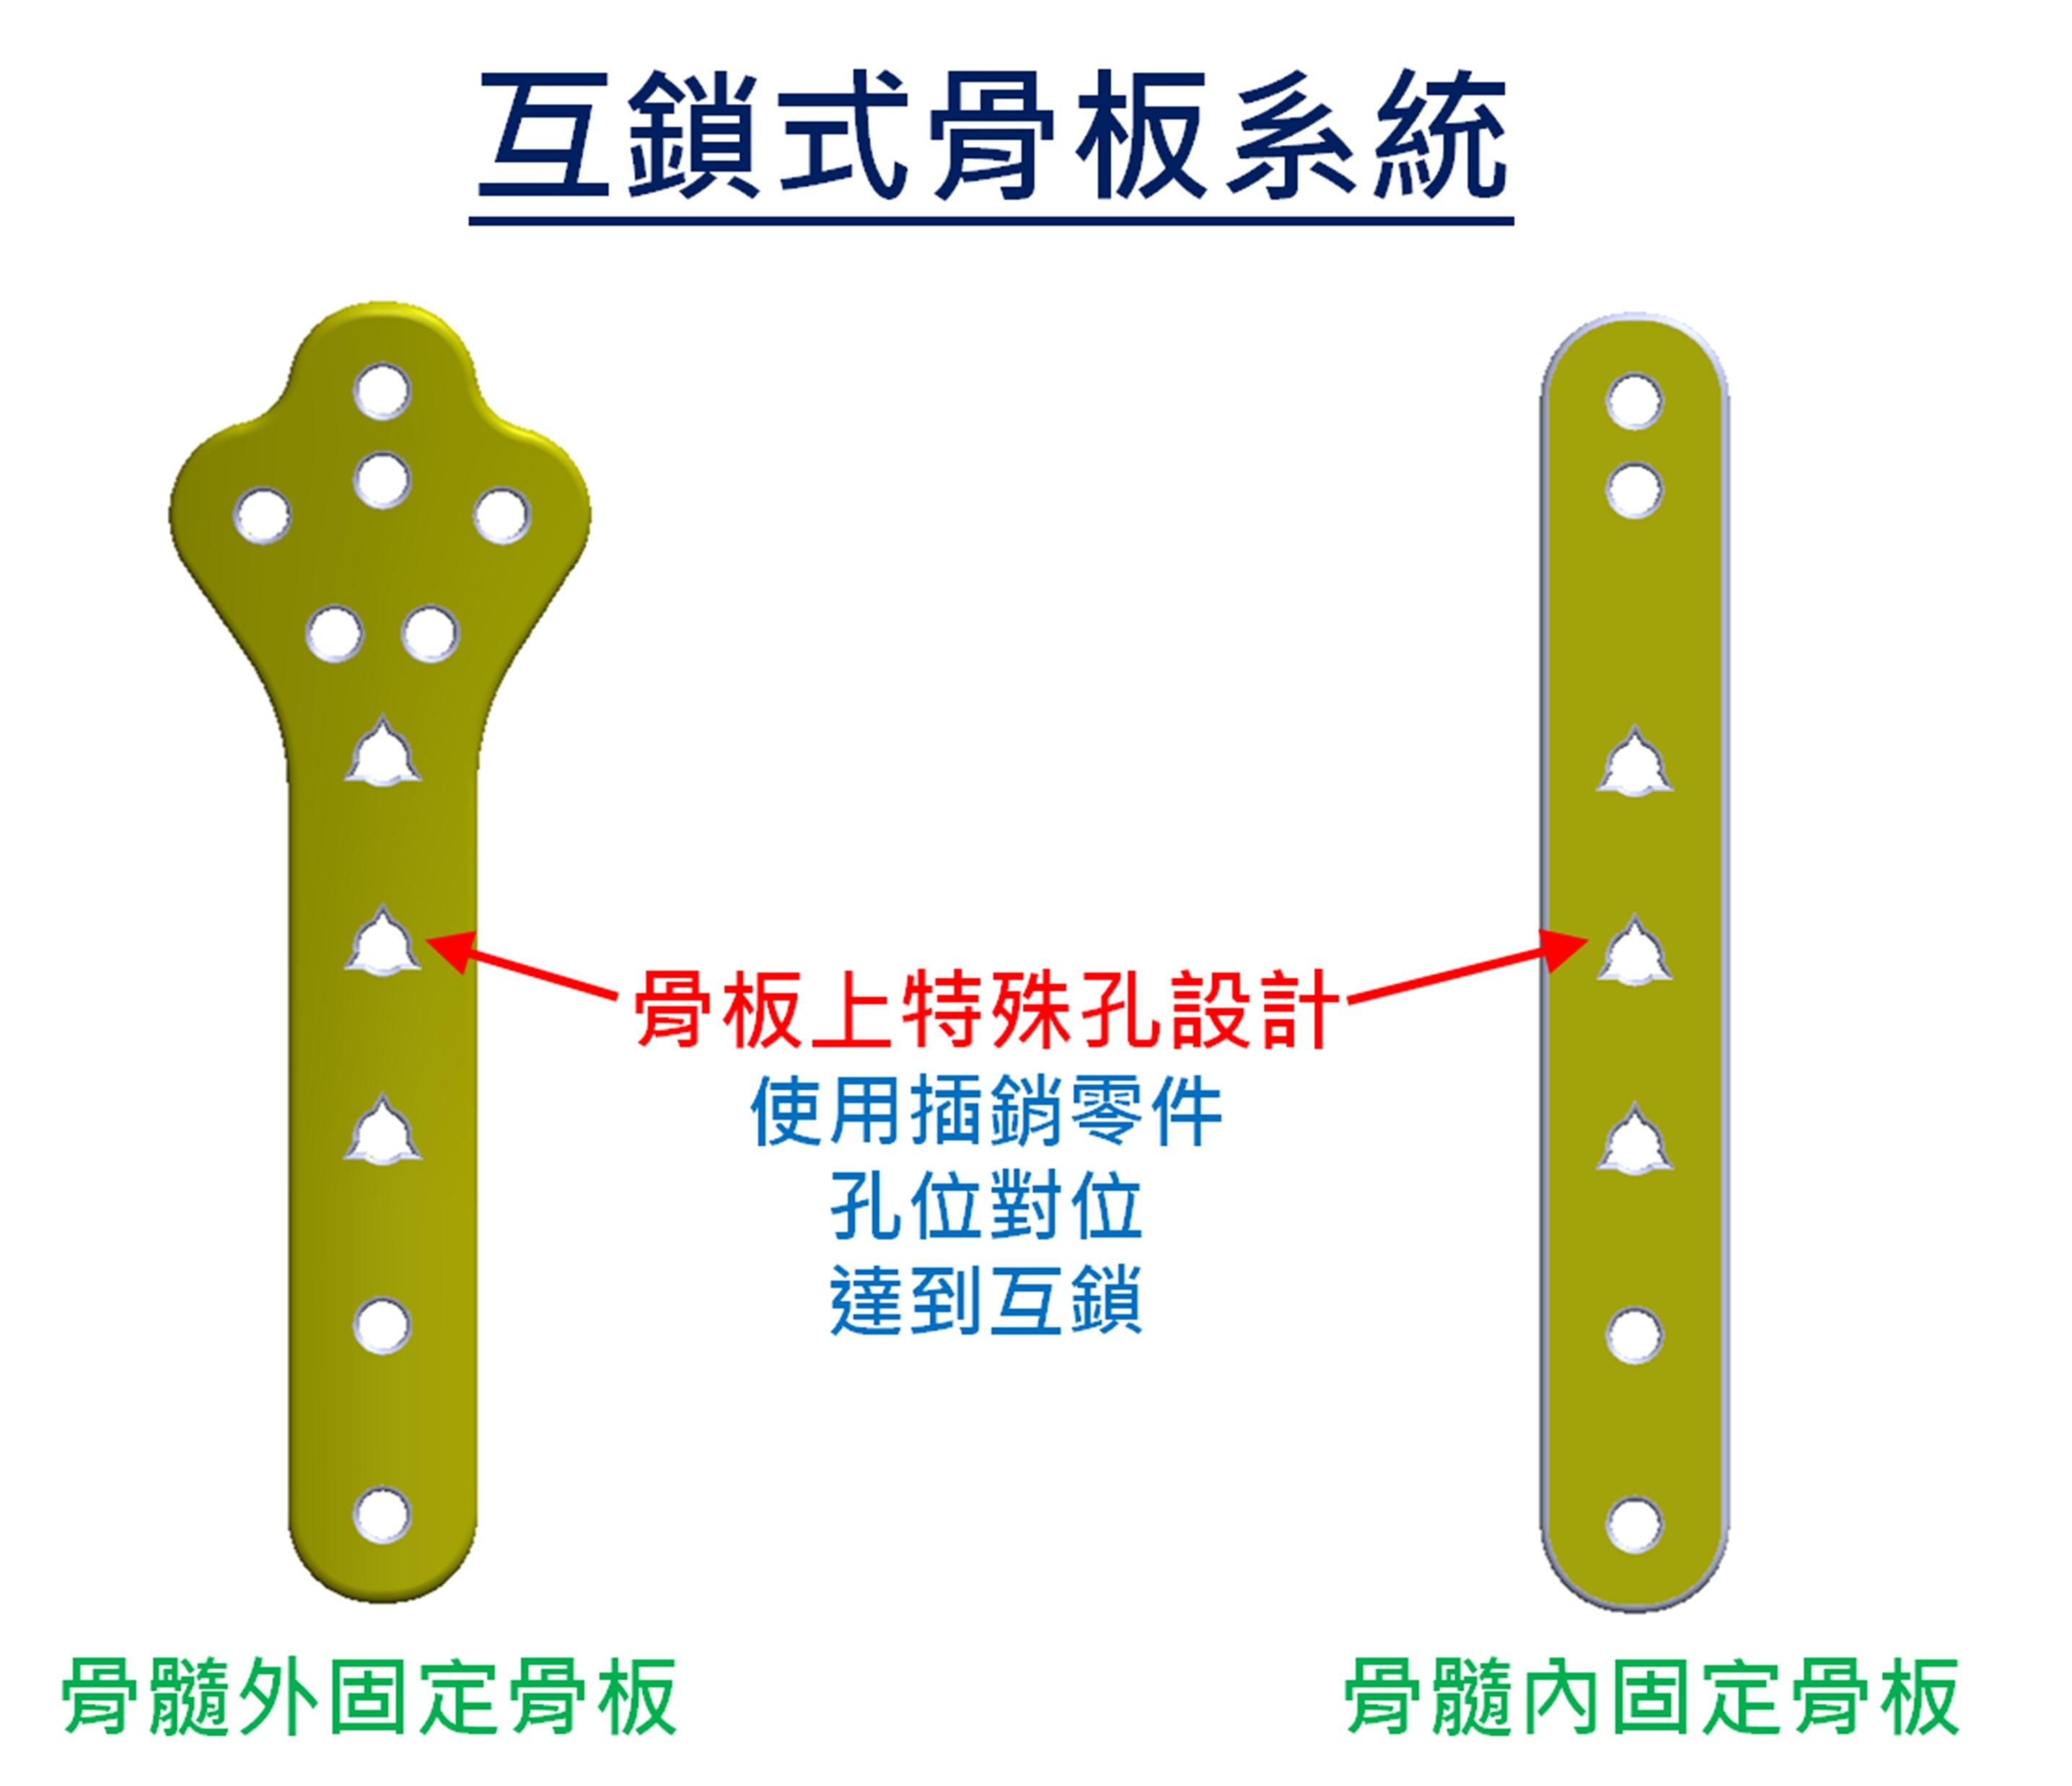 (2)互鎖式骨板結構介紹